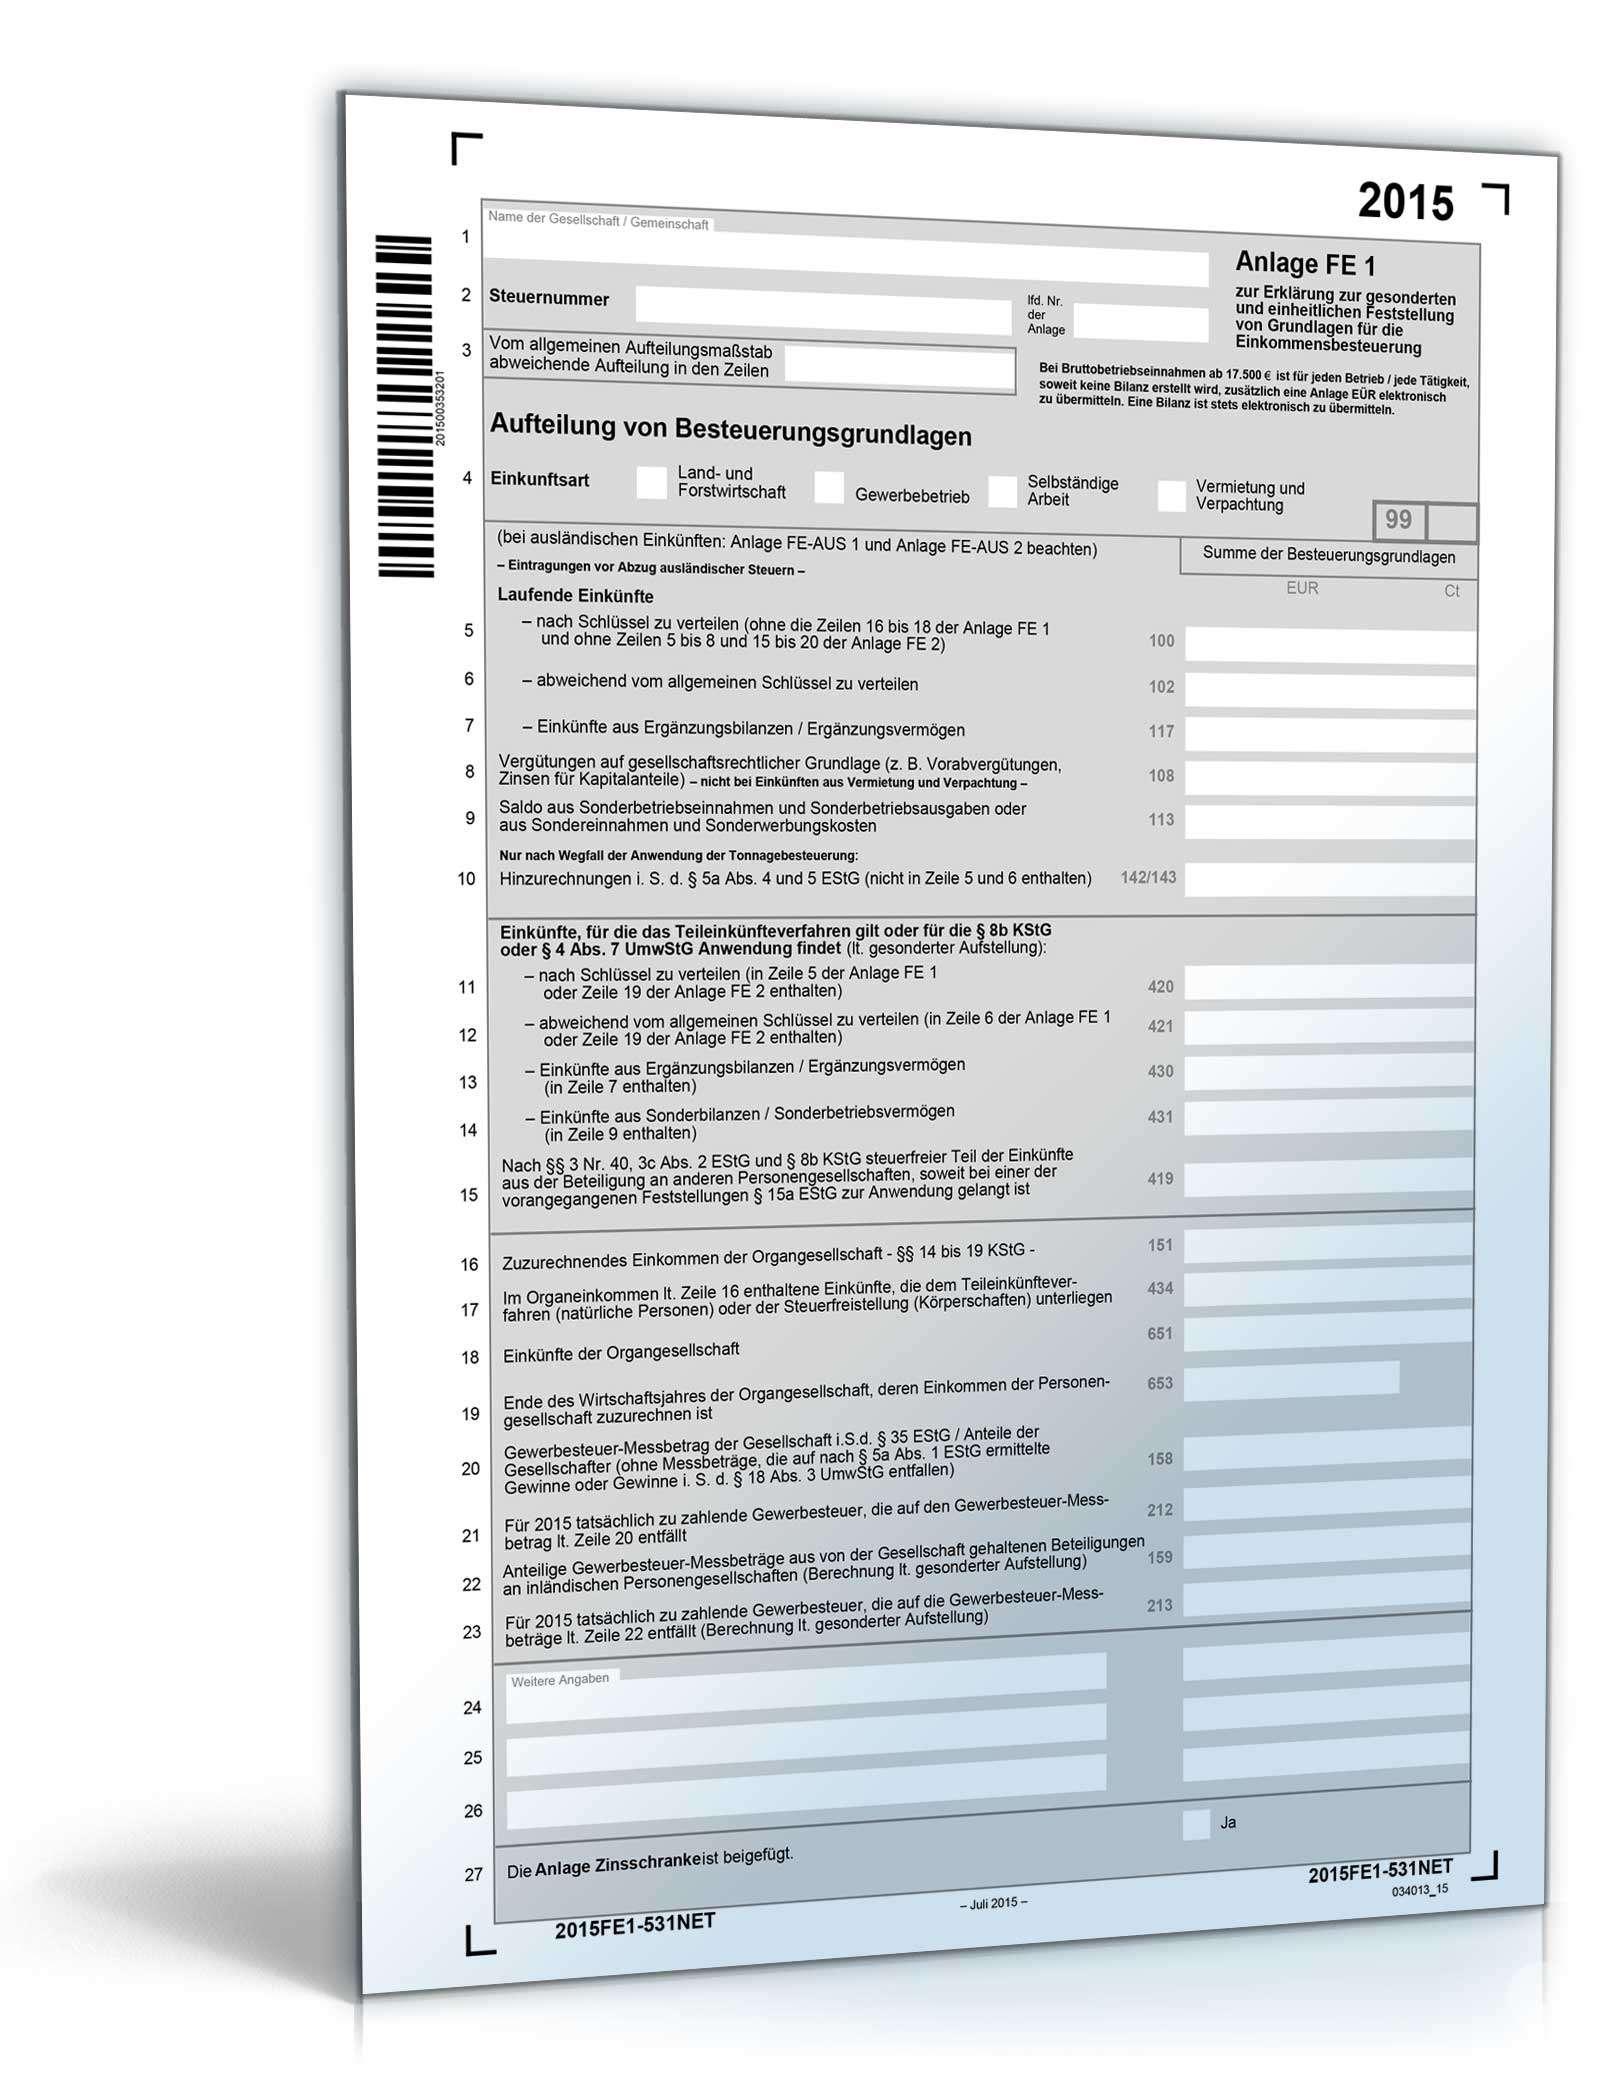 Anlage FE 1 2015 | Steuerformular zum Download